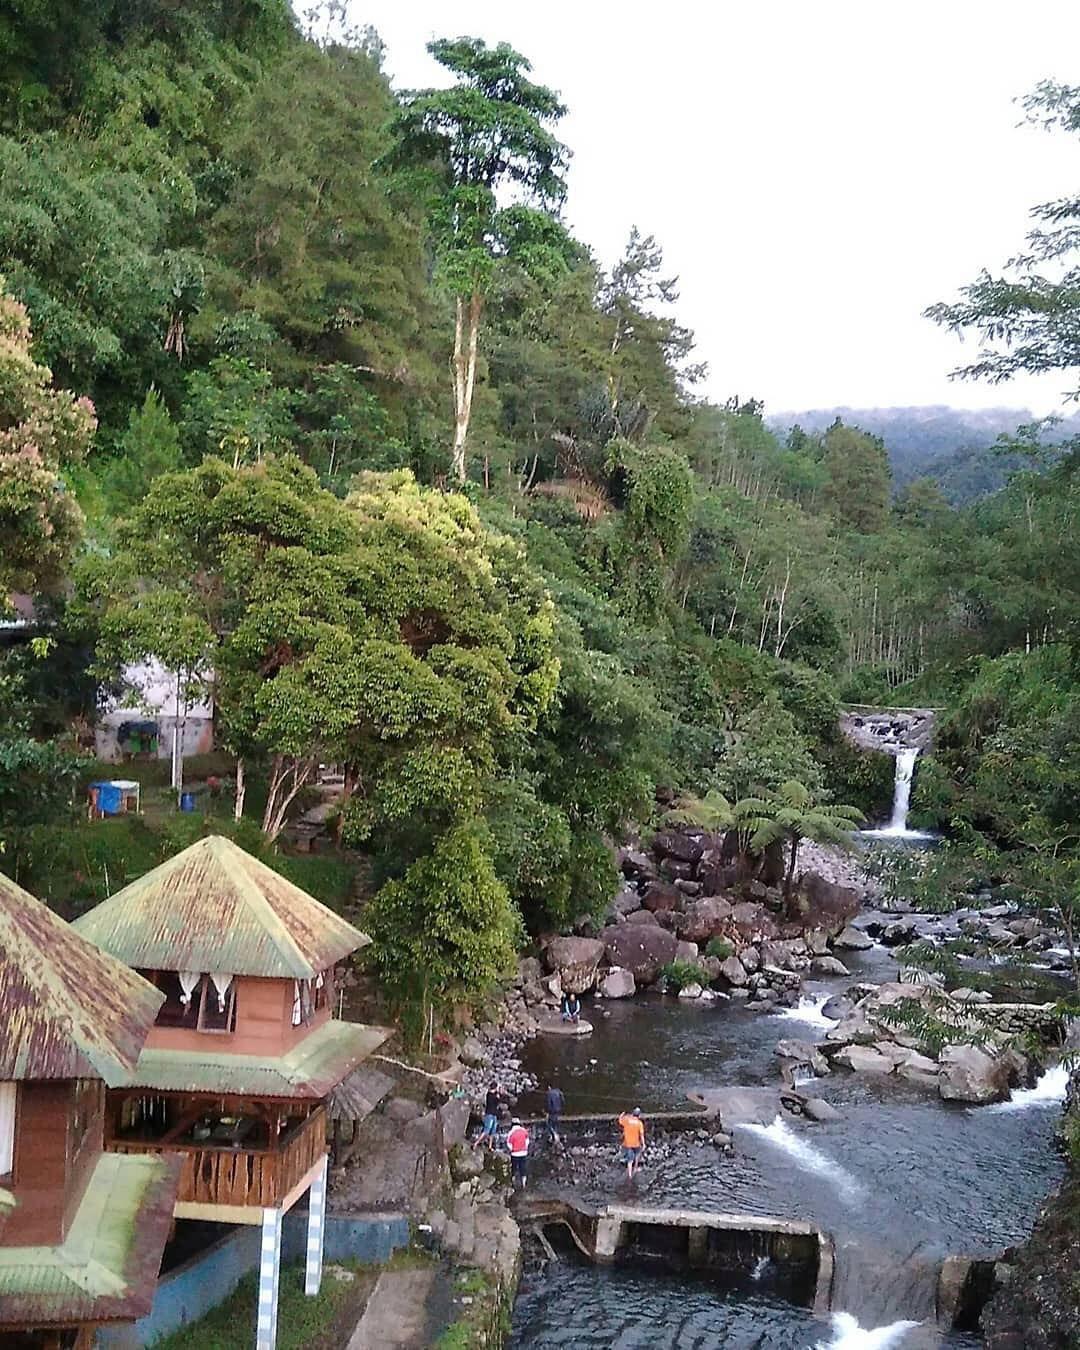 Bagian Ii Pesona Desa Wisata Ketenger Baturaden Yang Mirip Dengan Pedesaan Di Switzerland Dimana Bagian Atas Terdapat Curug Bayan Di 2020 Pedesaan Indonesia Tempat